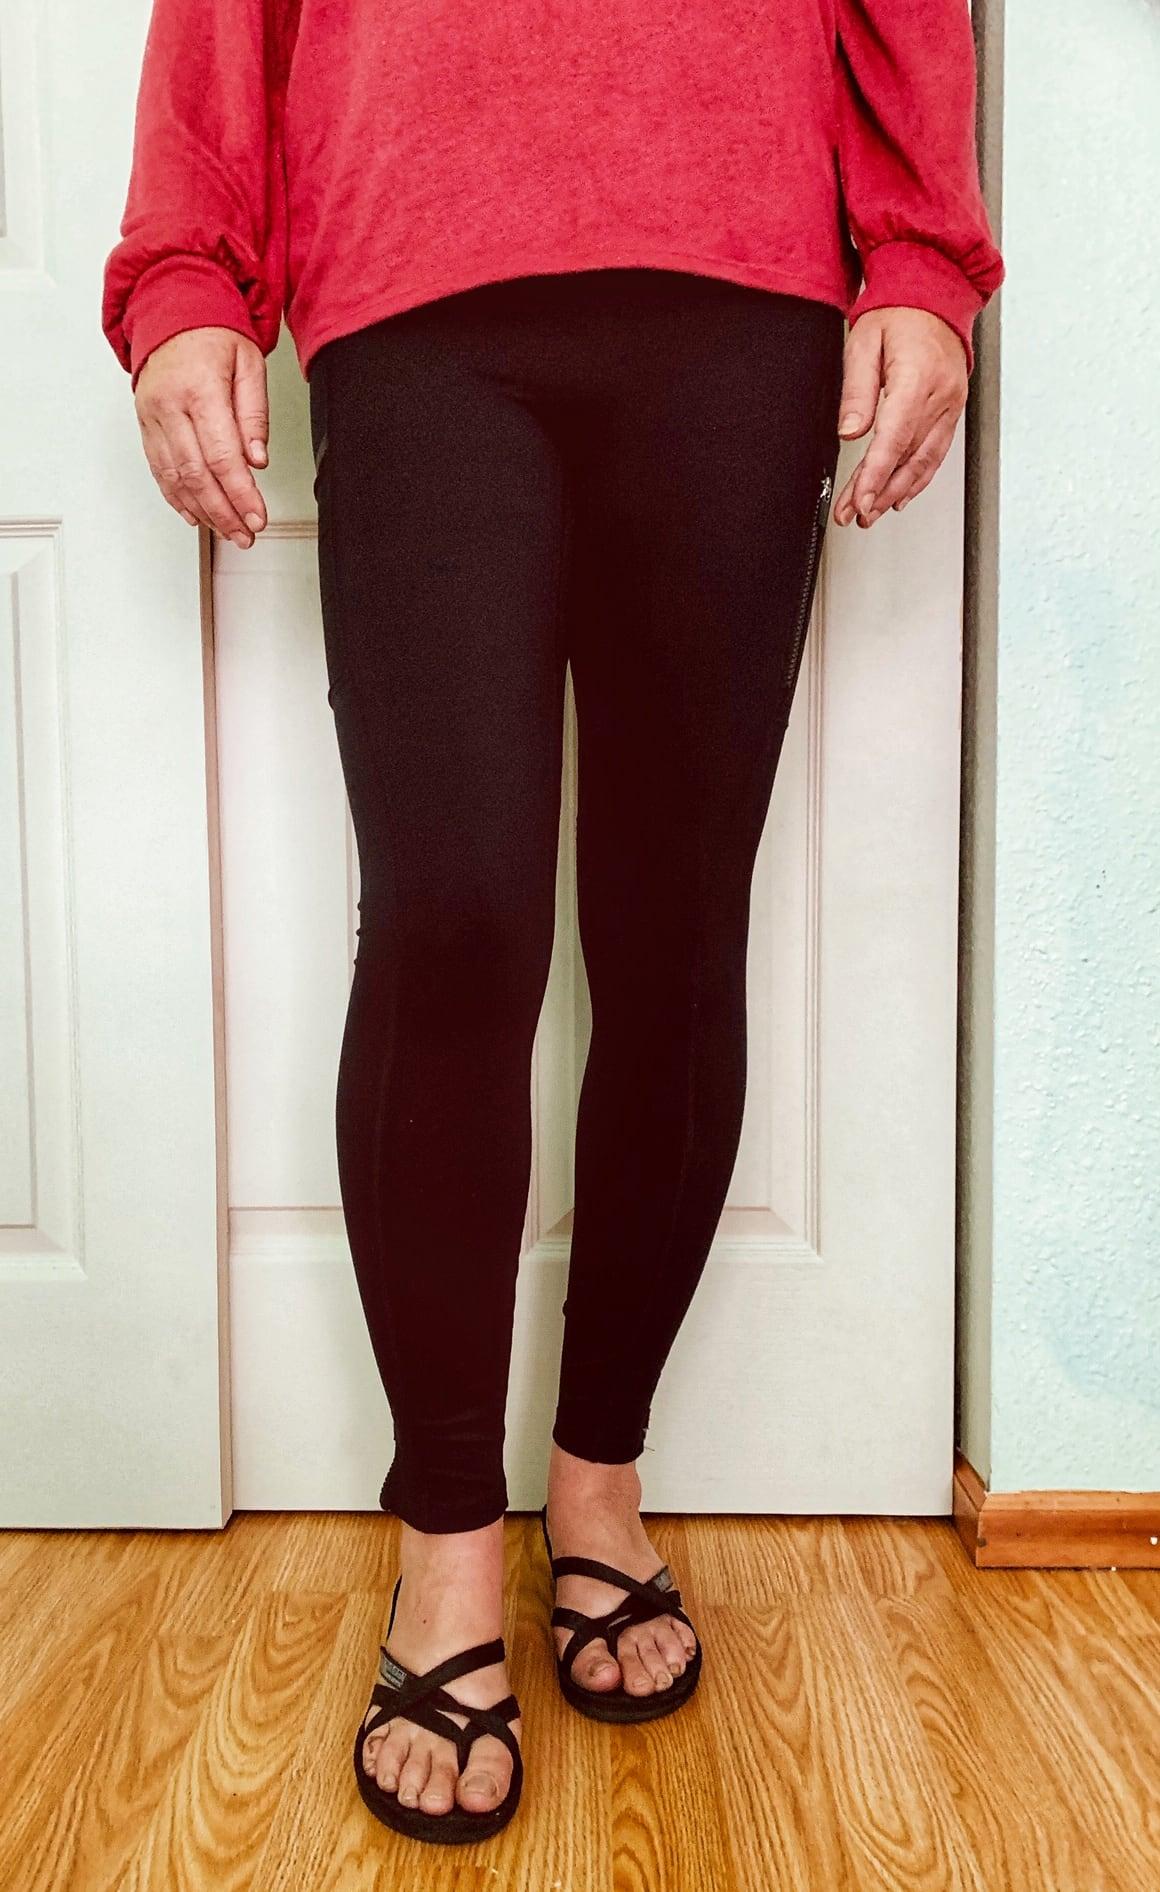 Fabletics leggings review